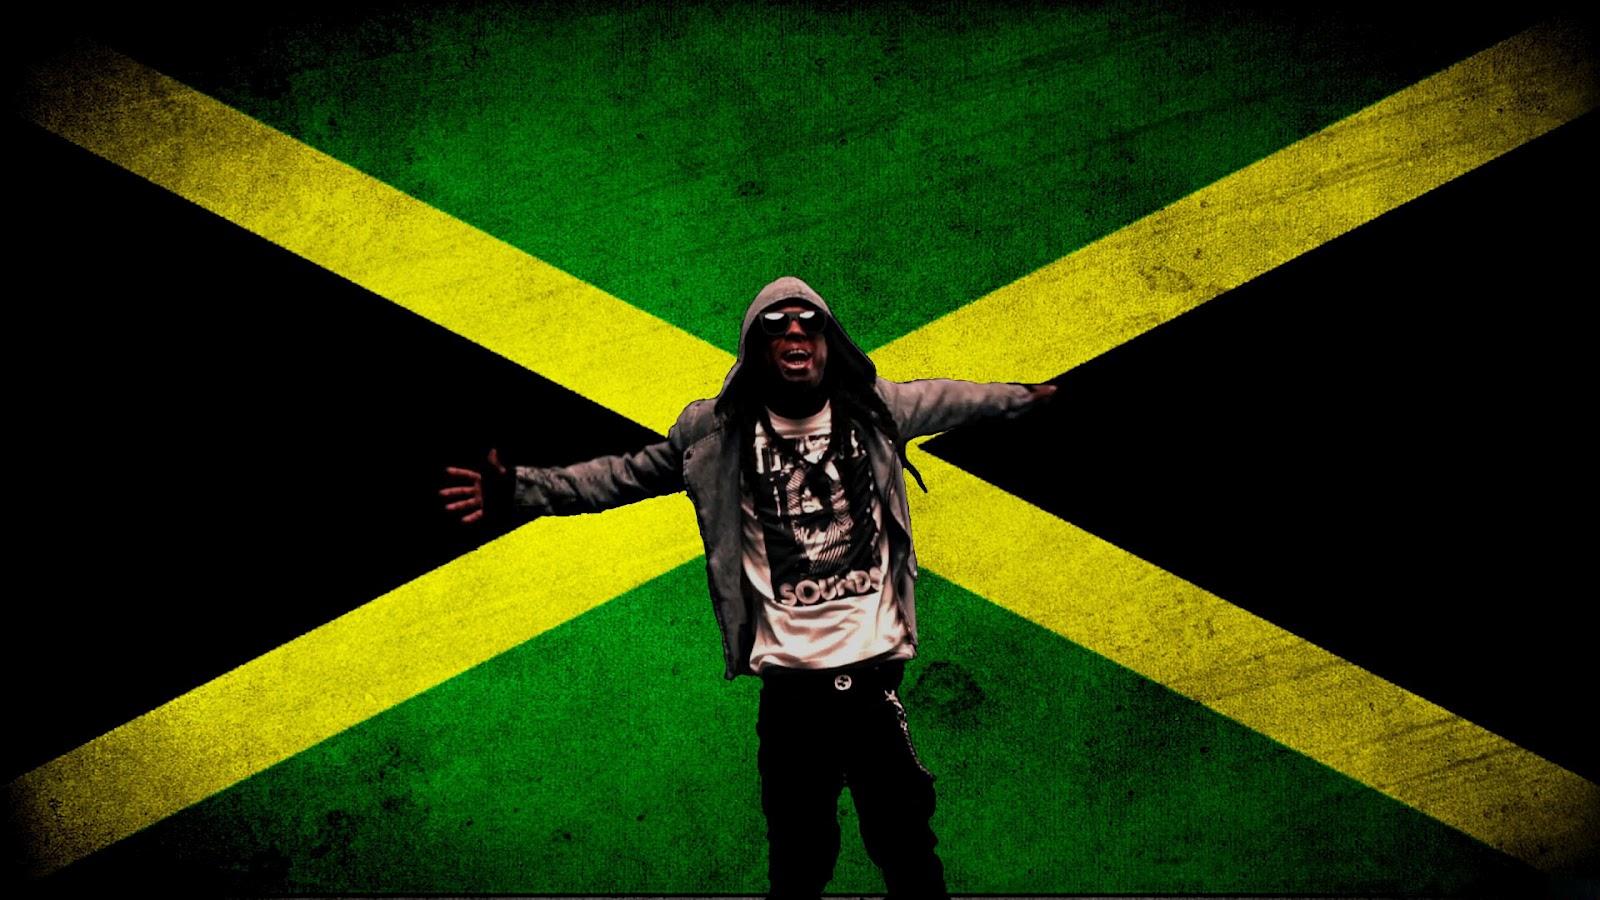 http://4.bp.blogspot.com/-7oKGNxCwQSA/UBy8hVzzYOI/AAAAAAAAKT8/gVbels8l6ko/s1600/lil-wayne-jamaica.jpg